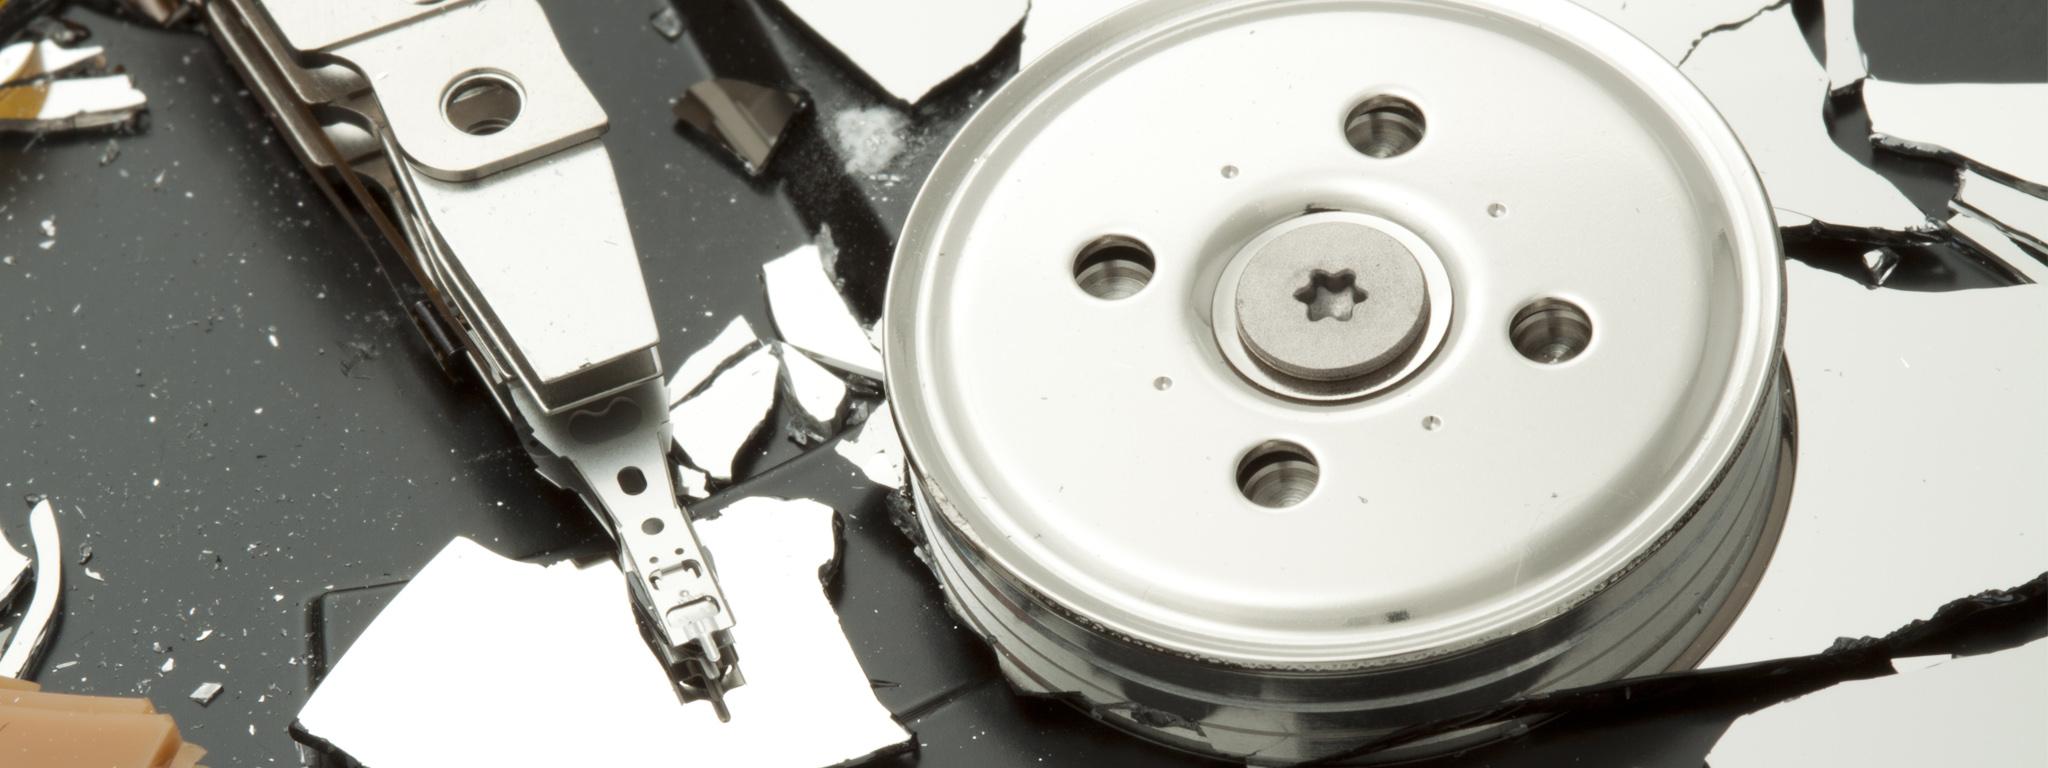 A broken hard drive platter.